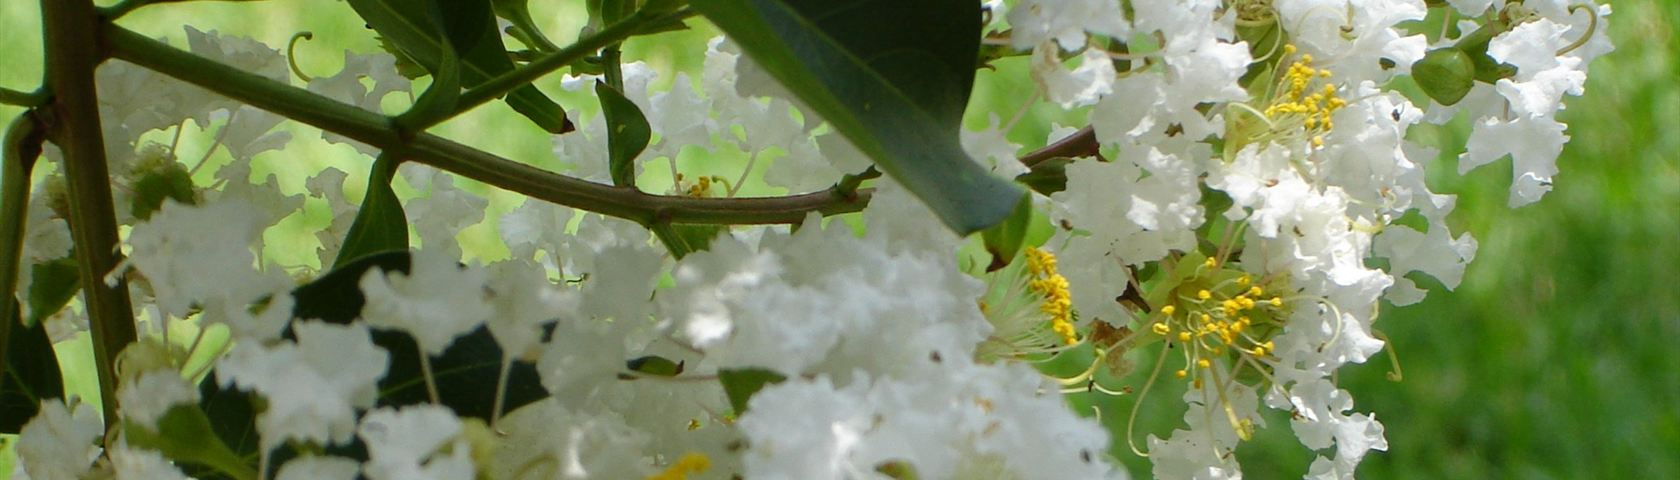 White Tree